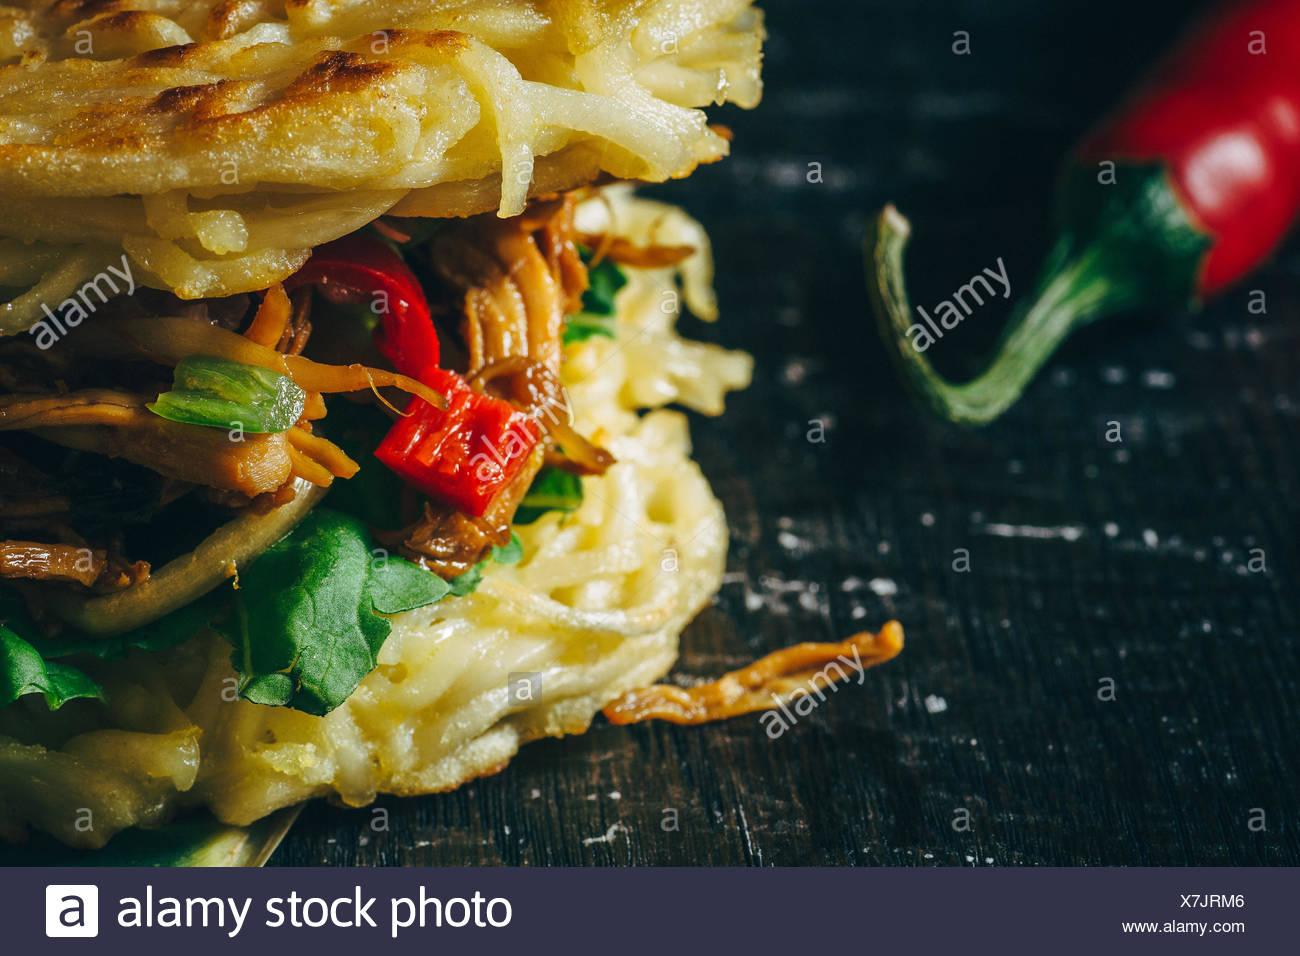 Image recadrée de Ramen Burger Avec Piment rouge Photo Stock